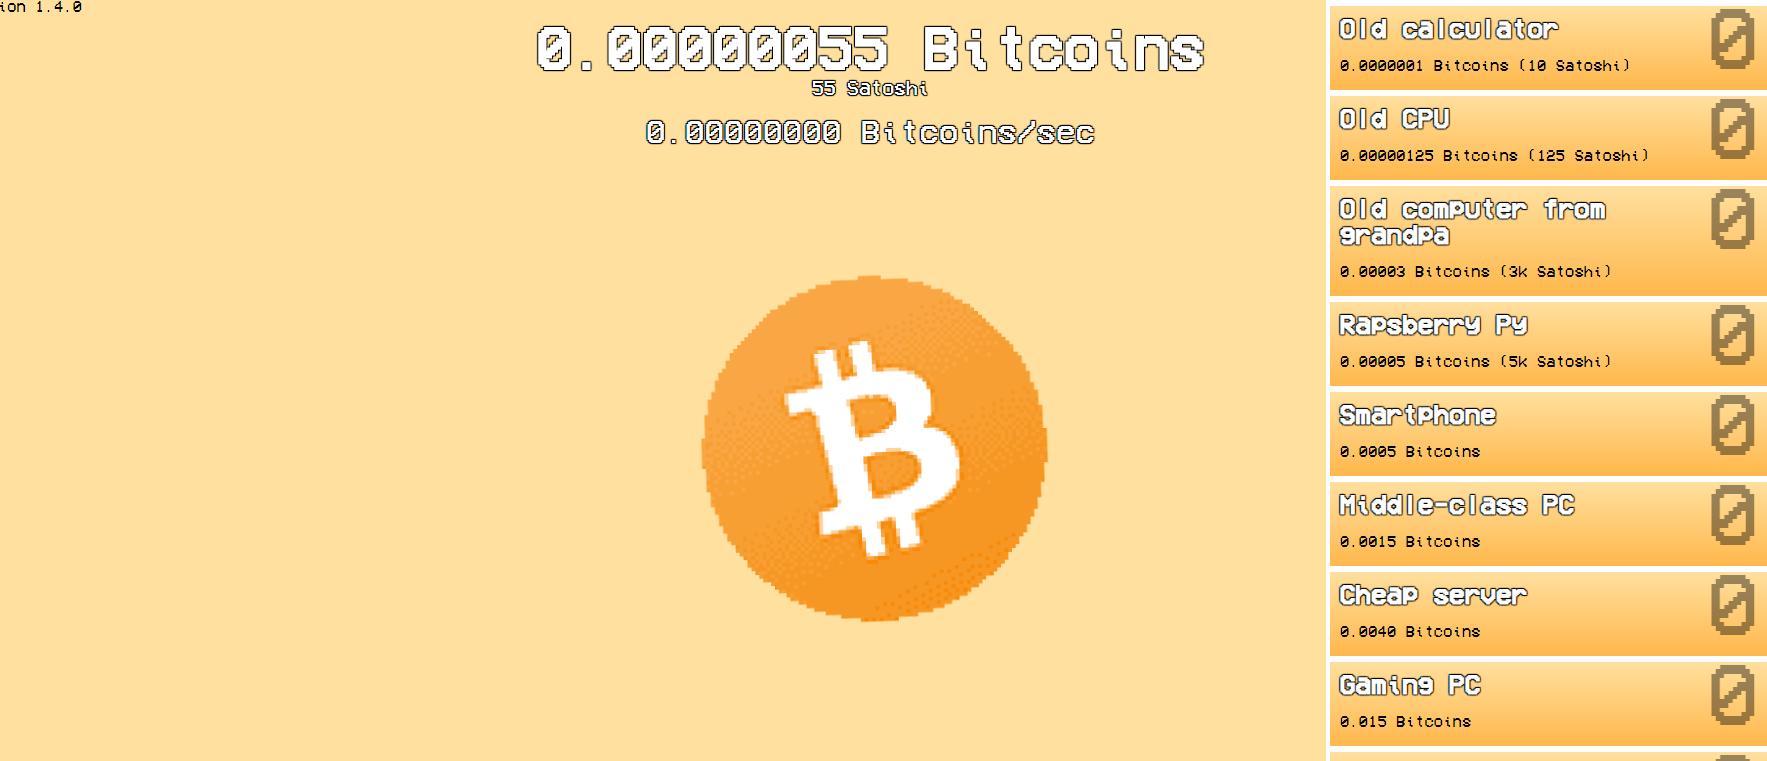 Скачать бесплатно скрипт BitcoinClicker